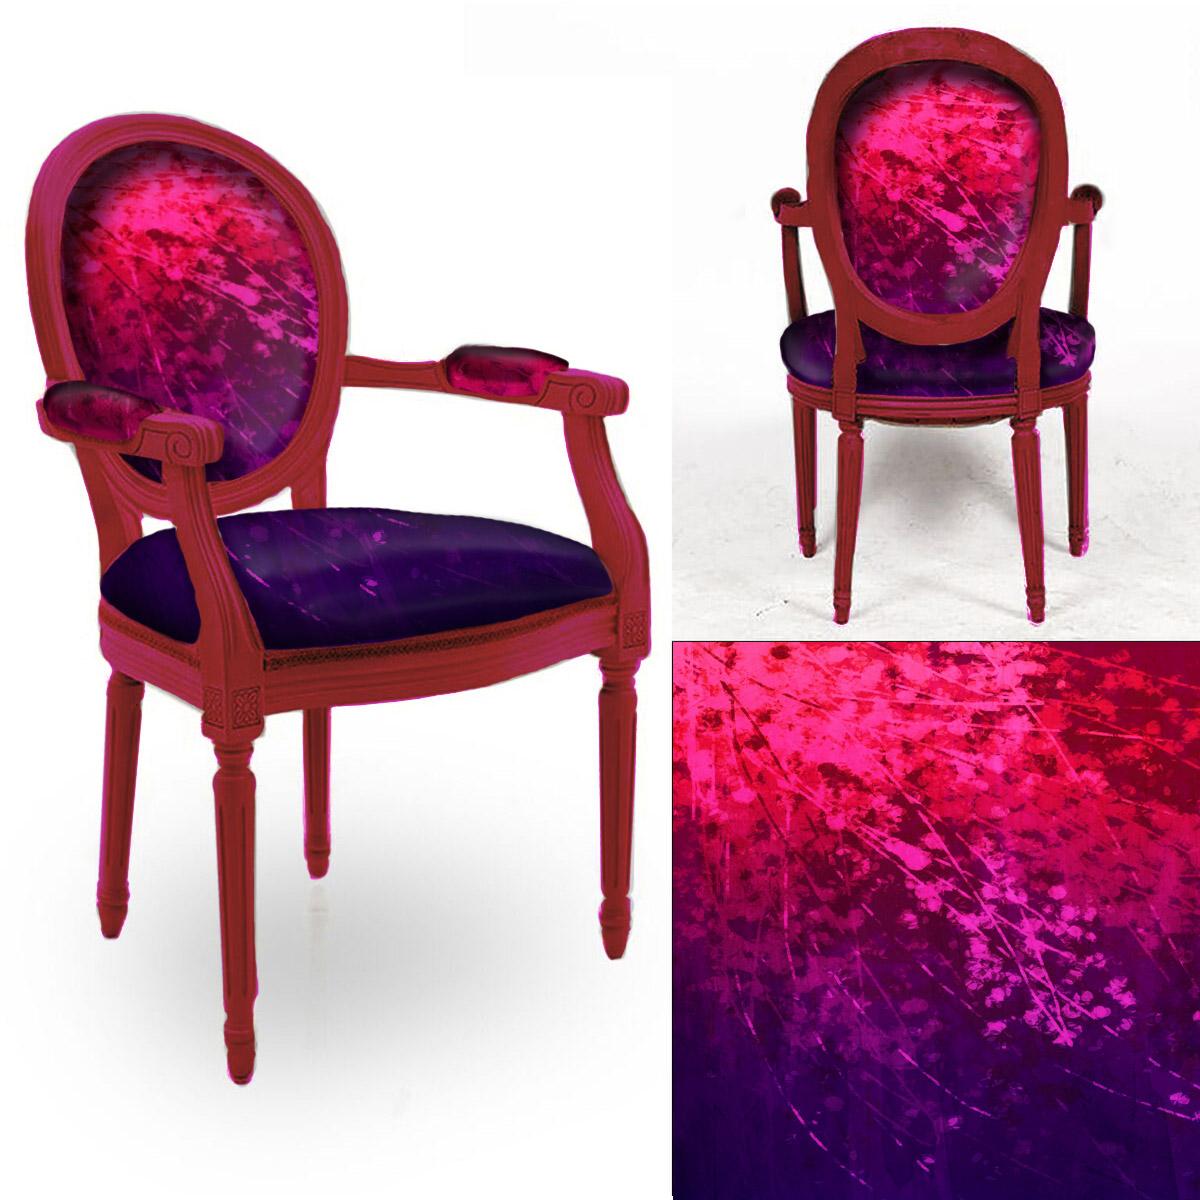 Marcus overlay spill chair